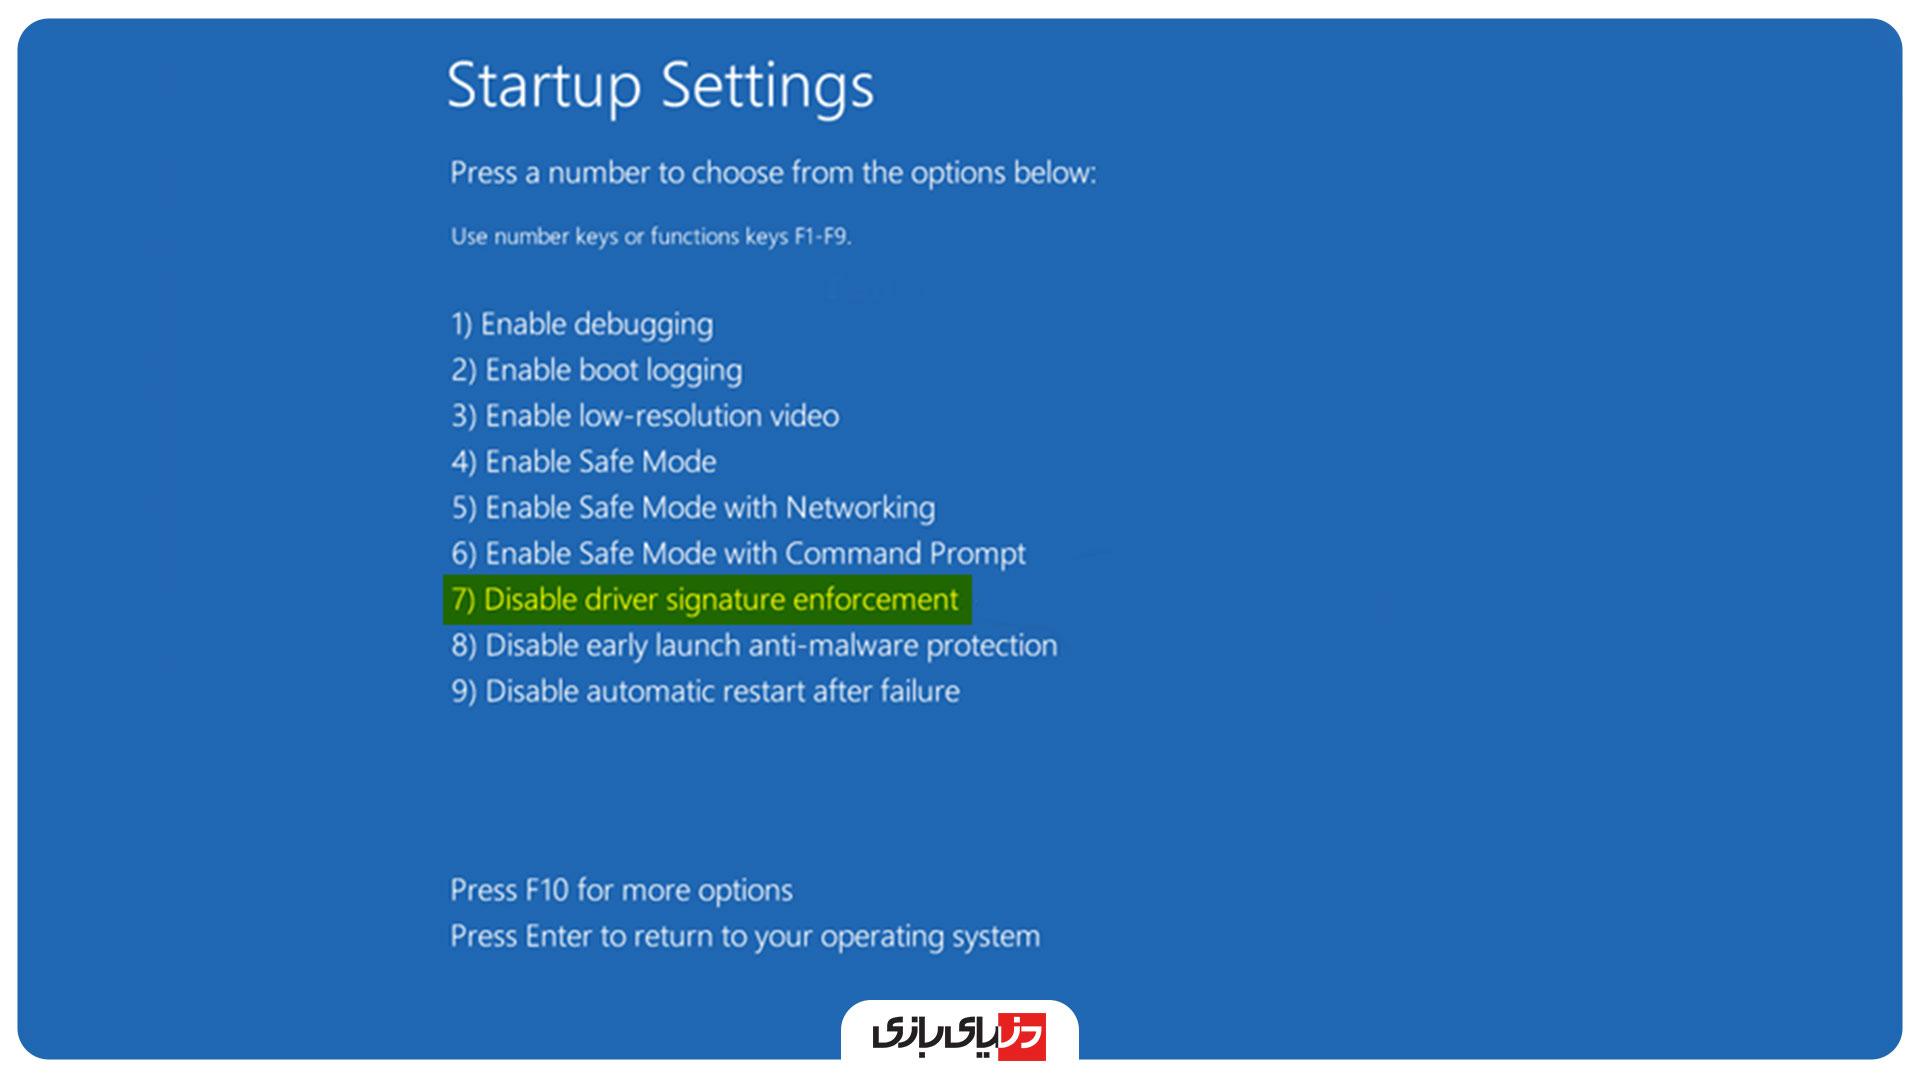 آموزش نحوه آپدیت کردن کارت گرافیک Nvidia در ویندوز 10